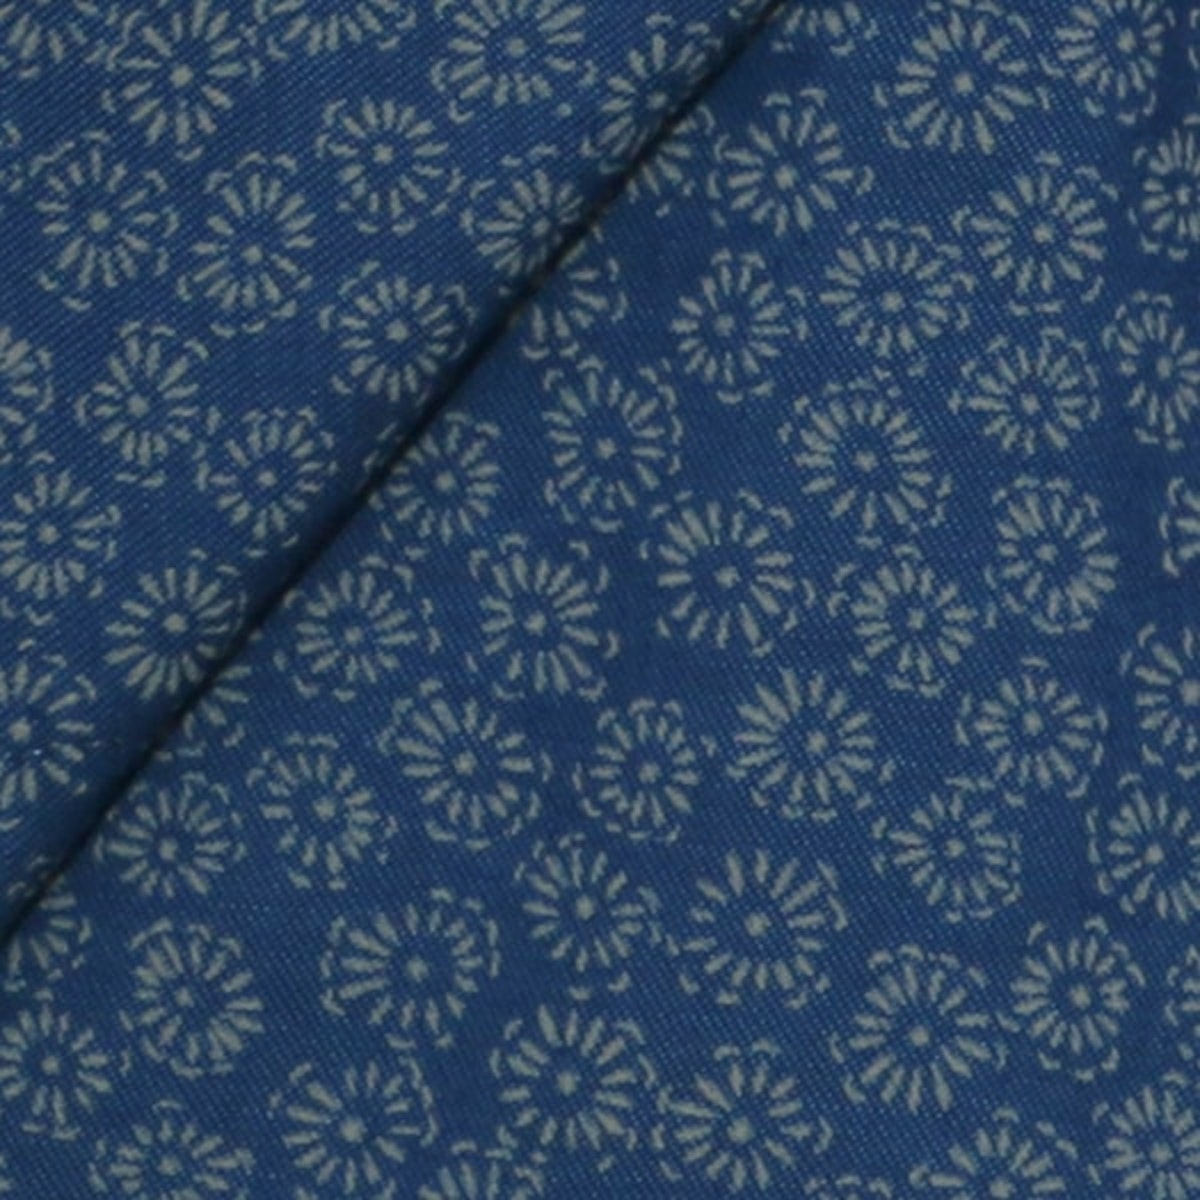 InStitchu Shirt Fabric 4440